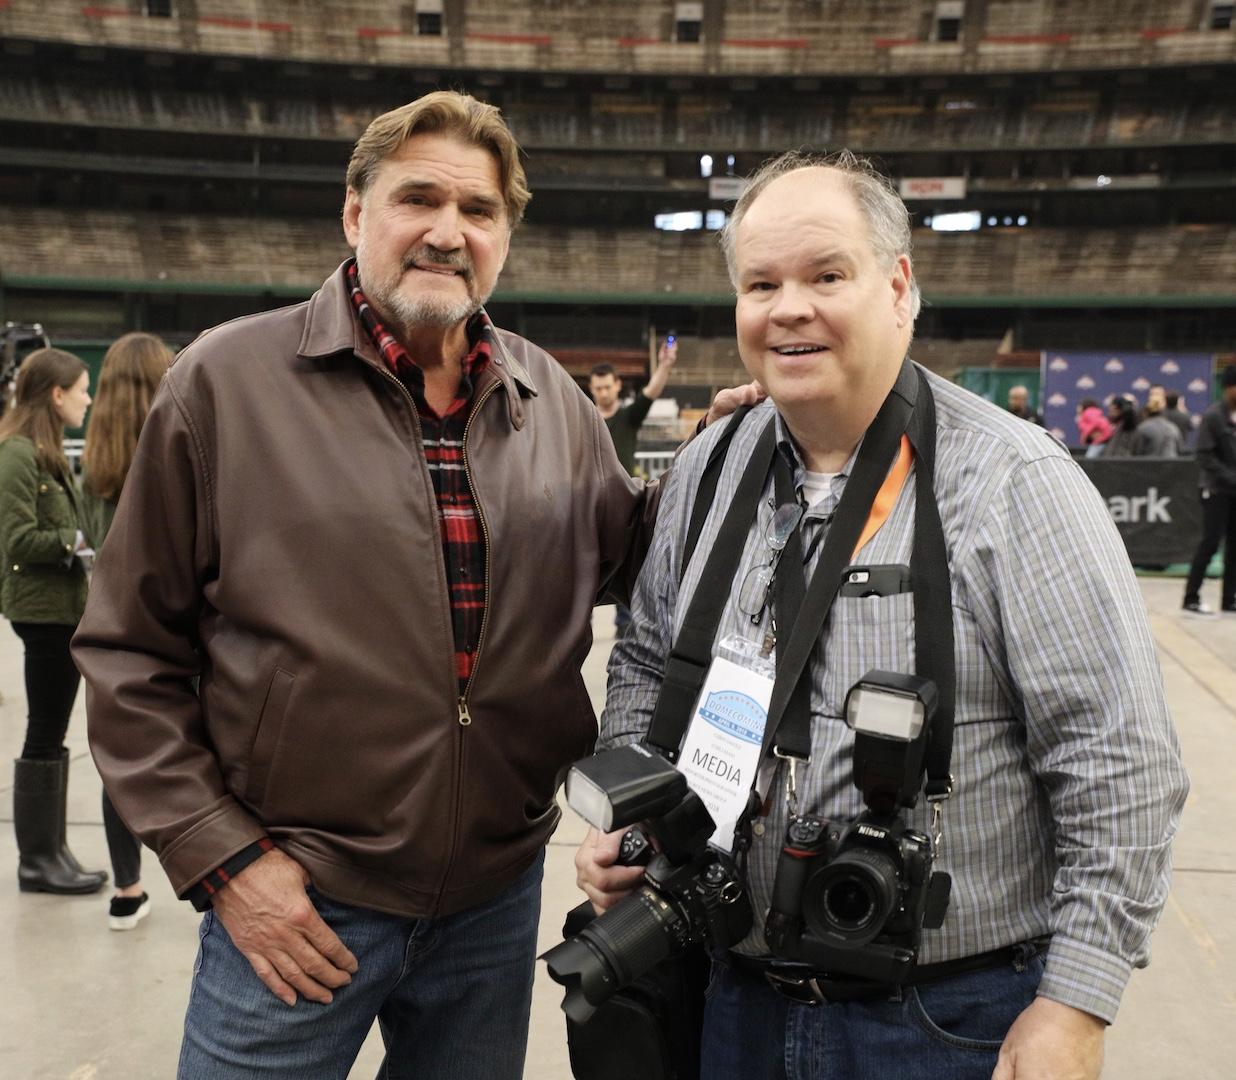 Chris with Dan Pastorini April 9, 2018